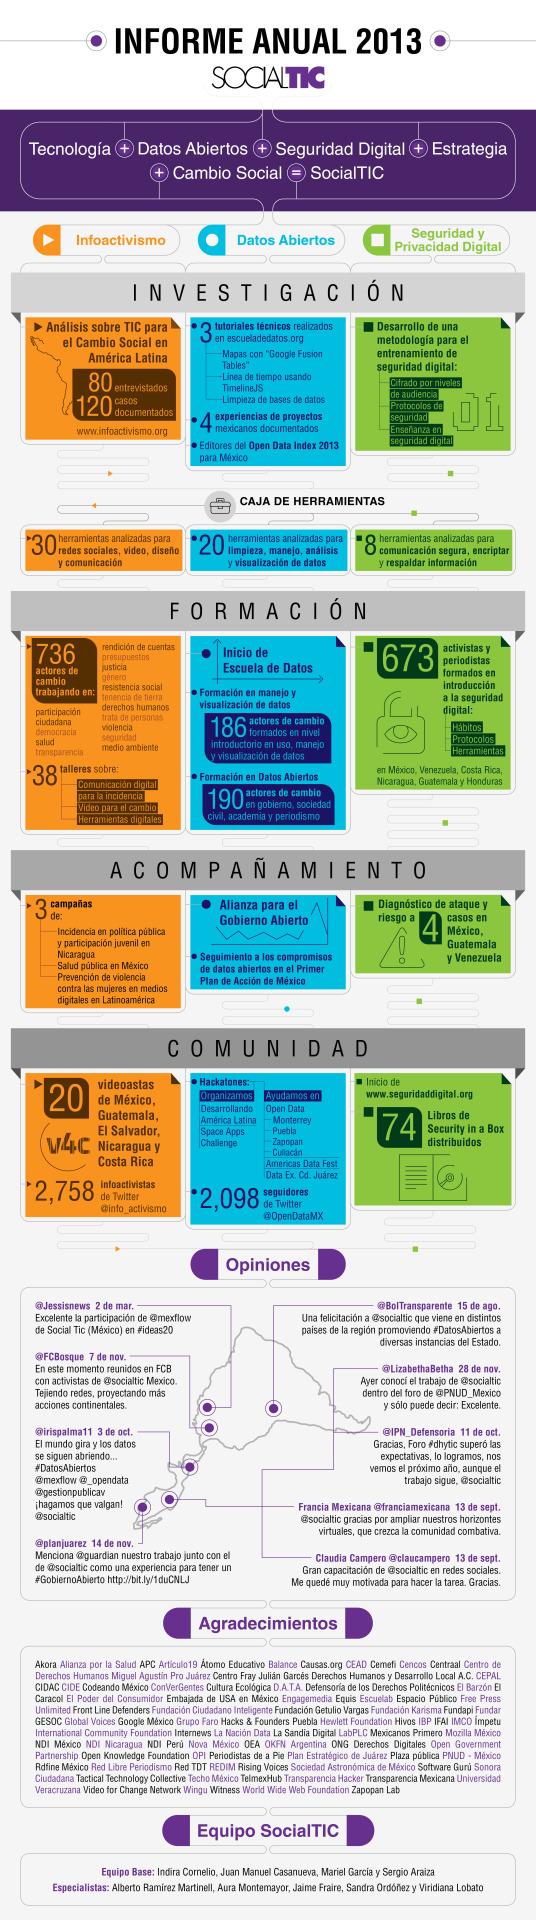 informa anual 2013